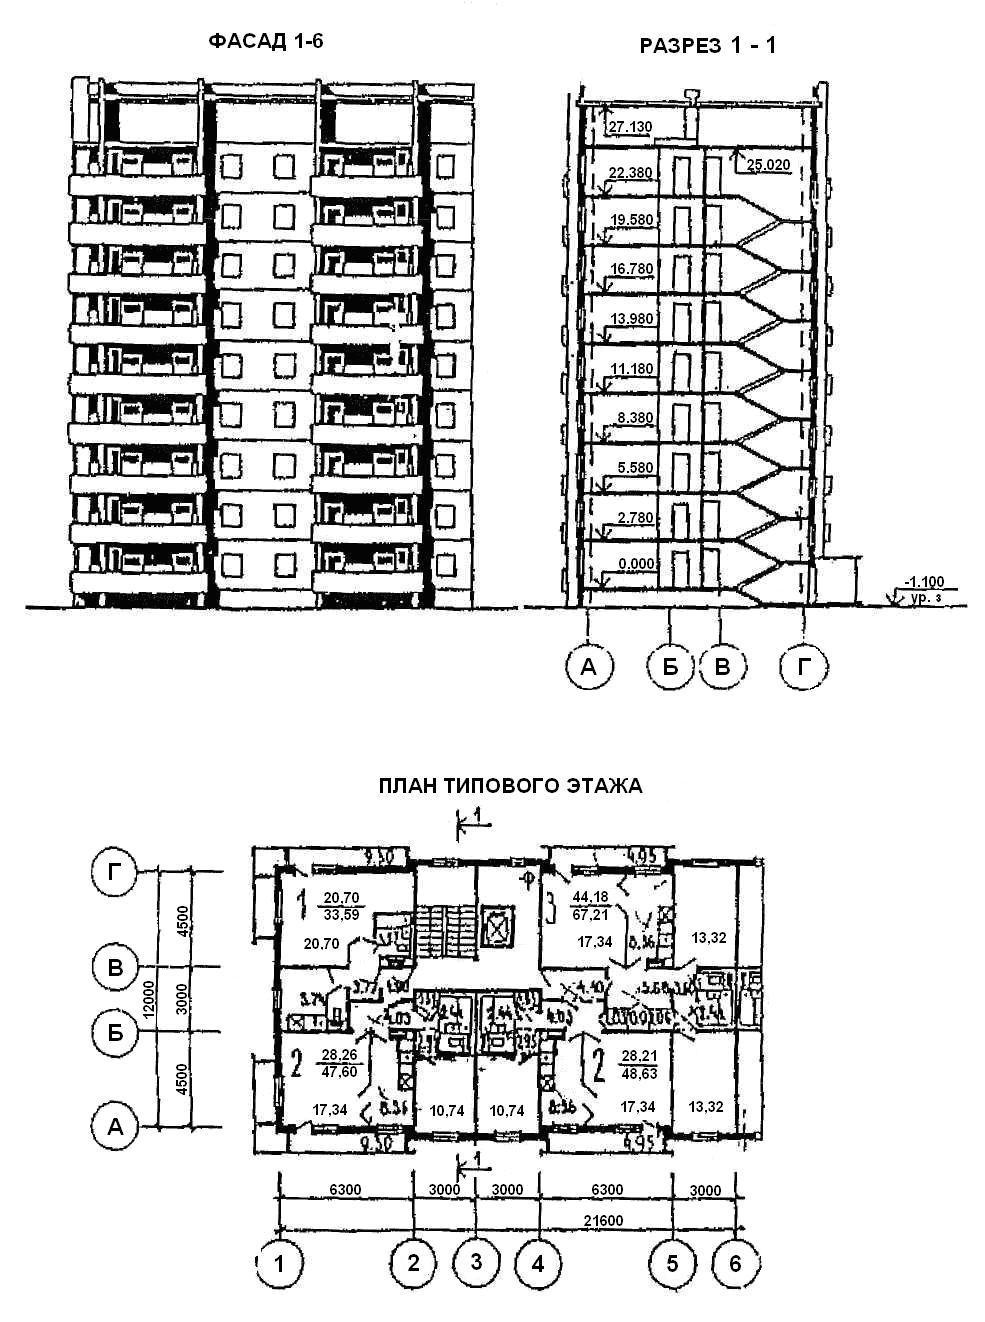 Раздел Основные положения по курсовой работе Представленные в качестве примера данные паспорта типового проекта 135 0320с 13 87 девятиэтажного крупнопанельного жилого дома содержат план типового этажа